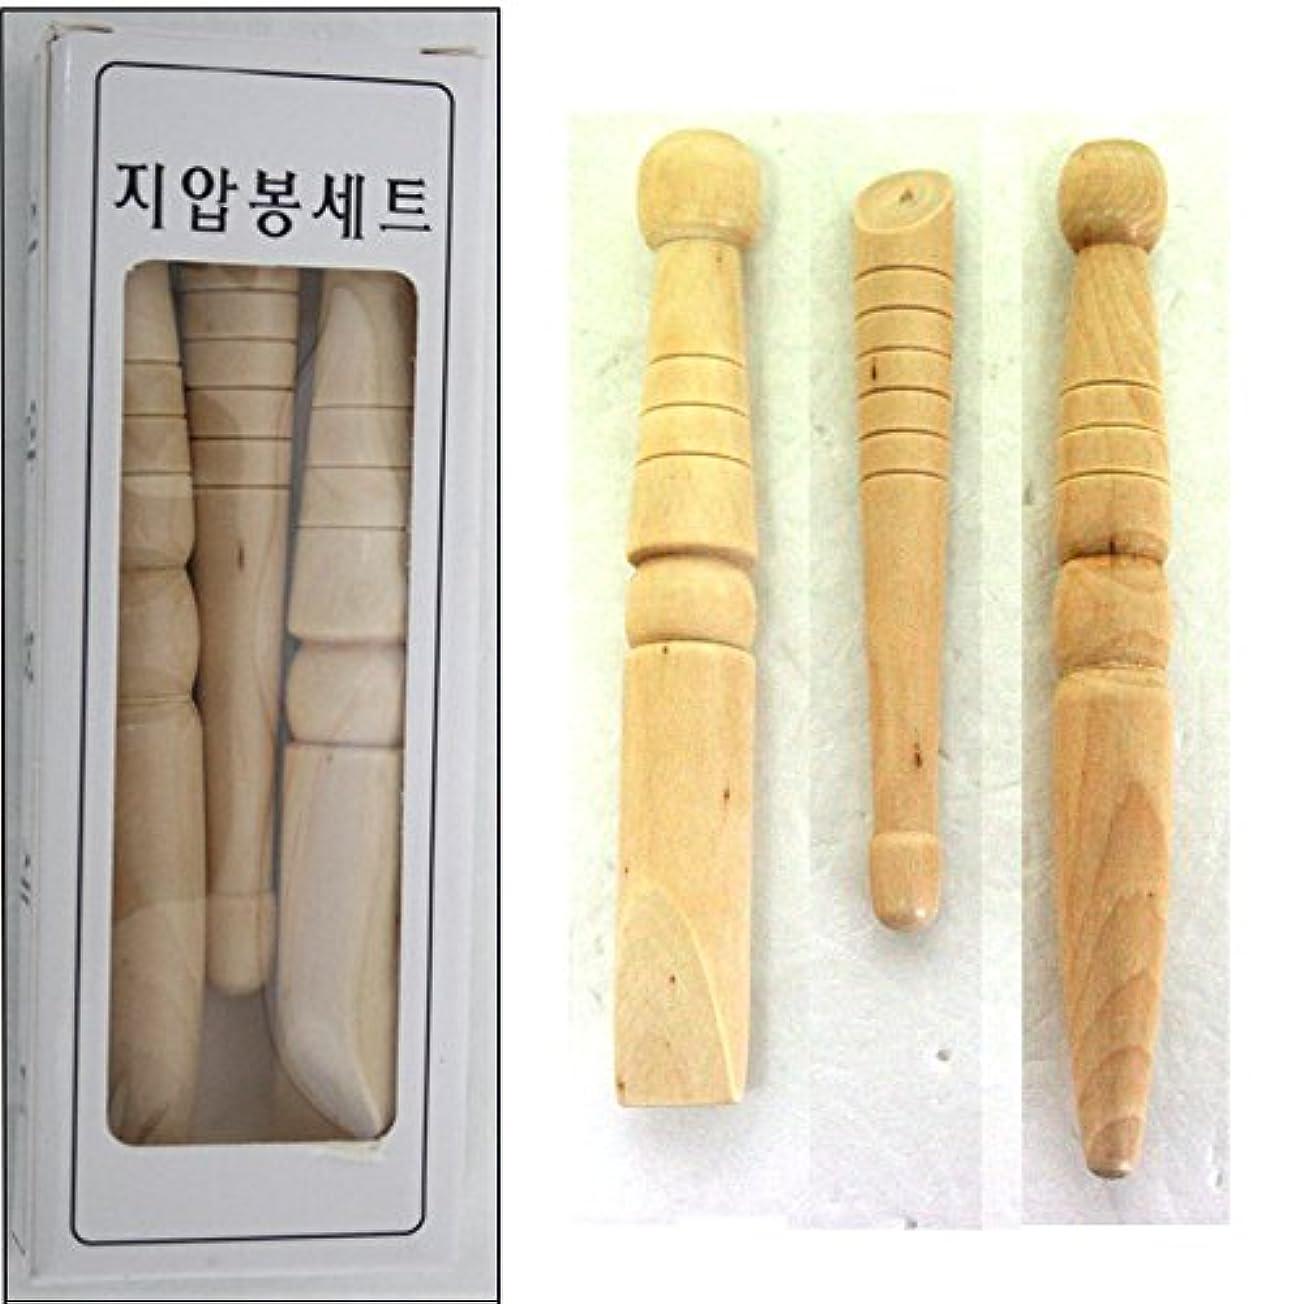 レルムまあかもしれないフットマッサージ / Foot Massage / フットマッサージ/リフレクソロジー健康木製3EAスティックツールReflexology Health Wooden 3ea Stick Tool with Chart...